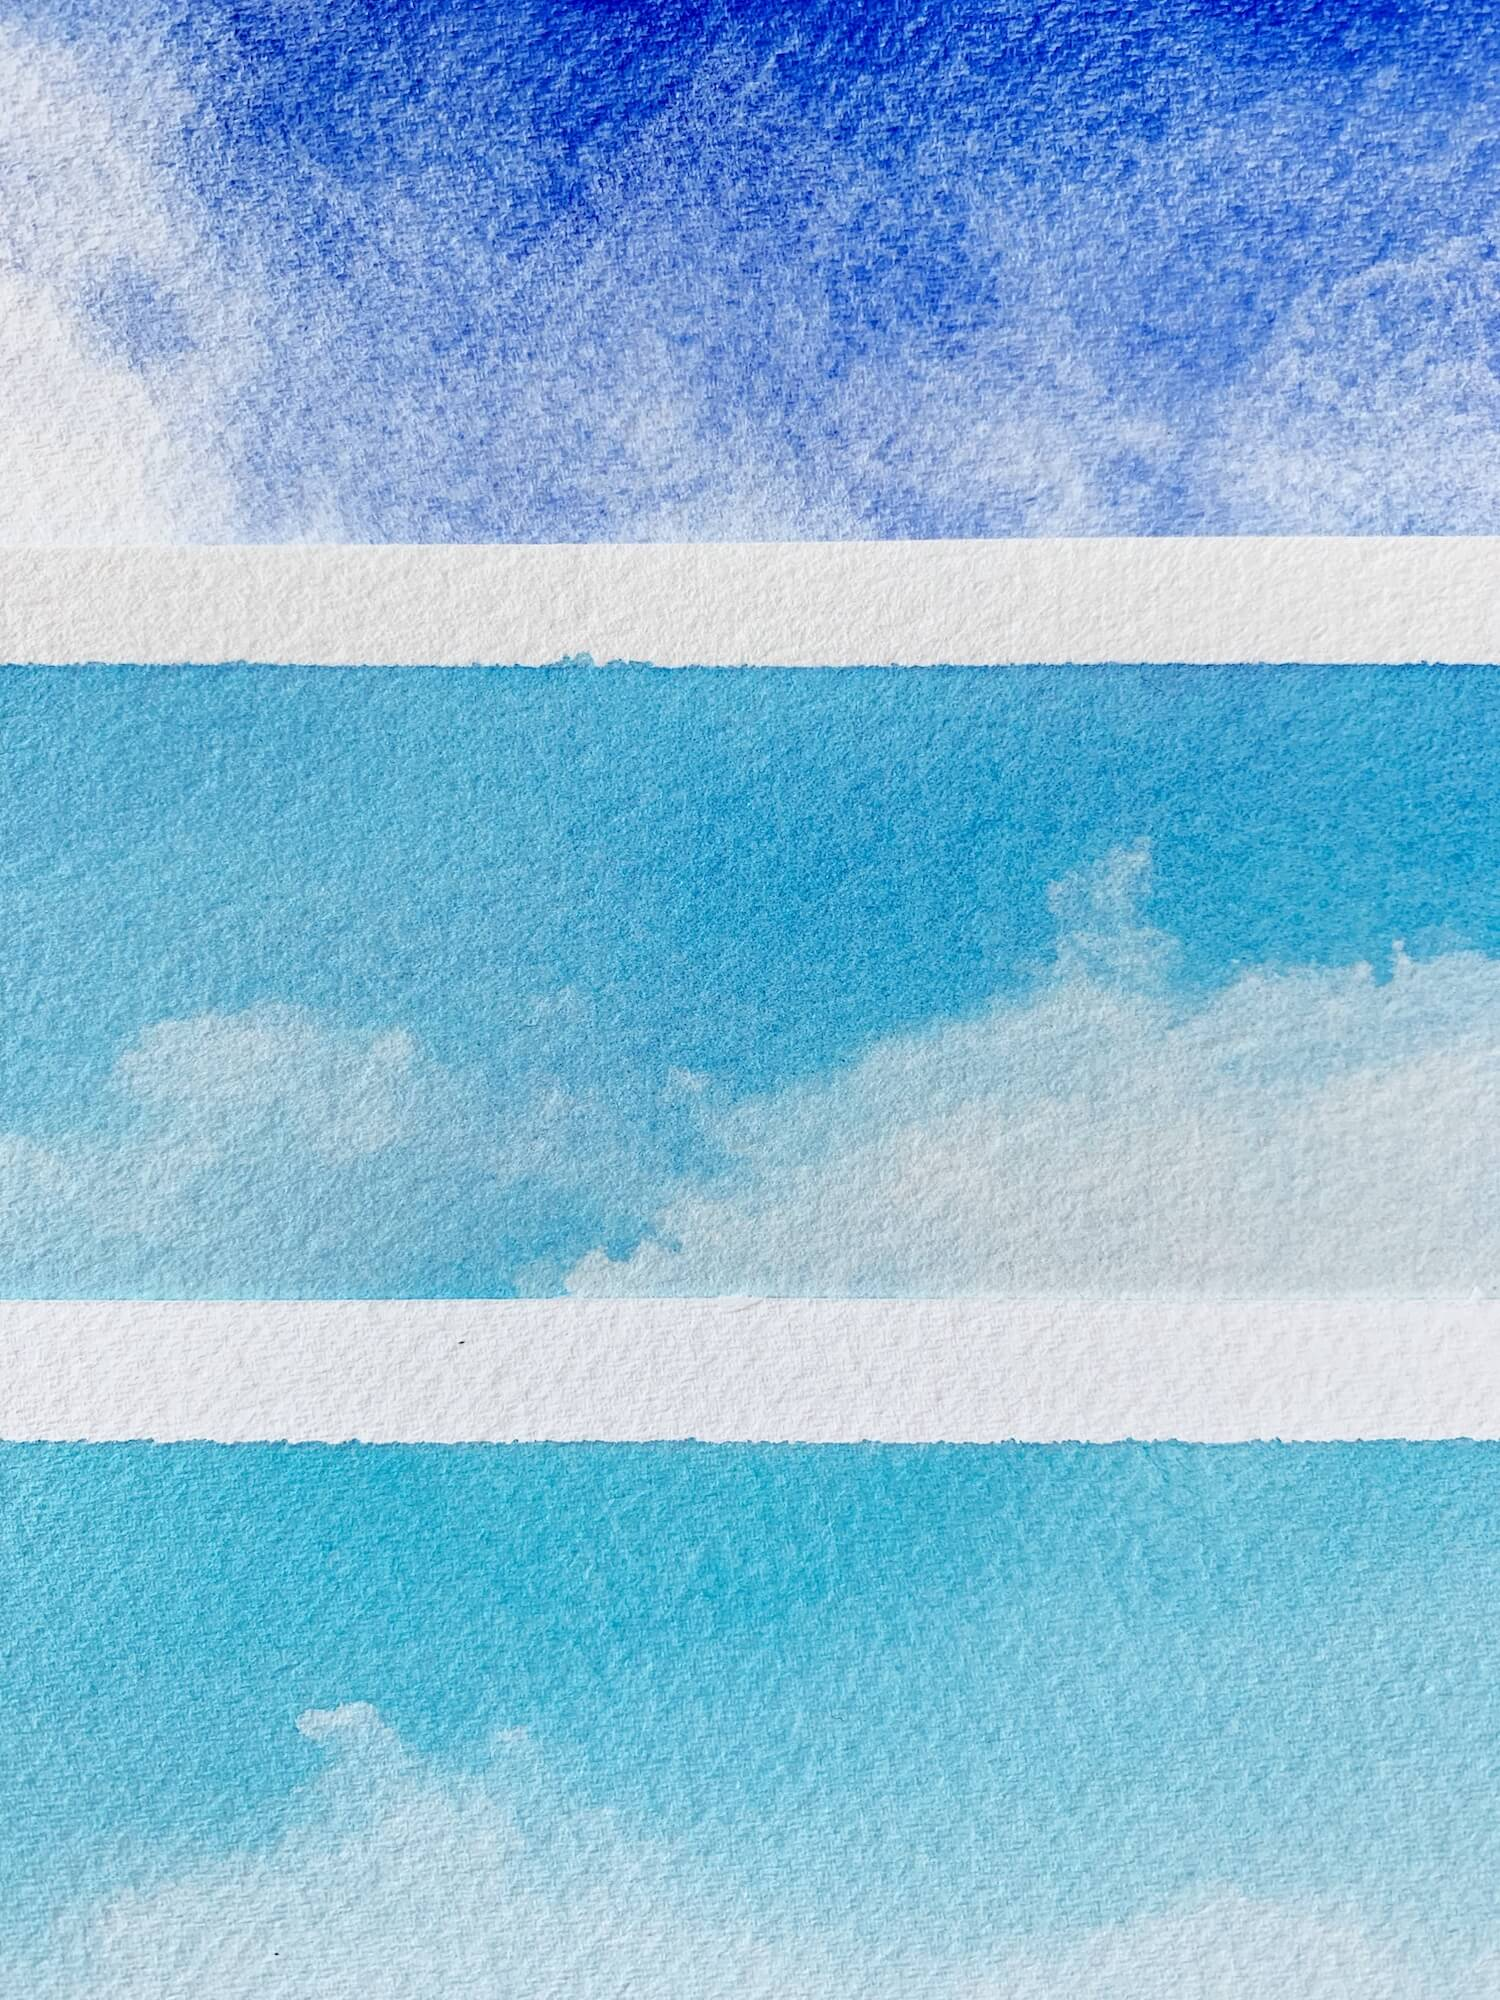 Blue Skies 1.jpg